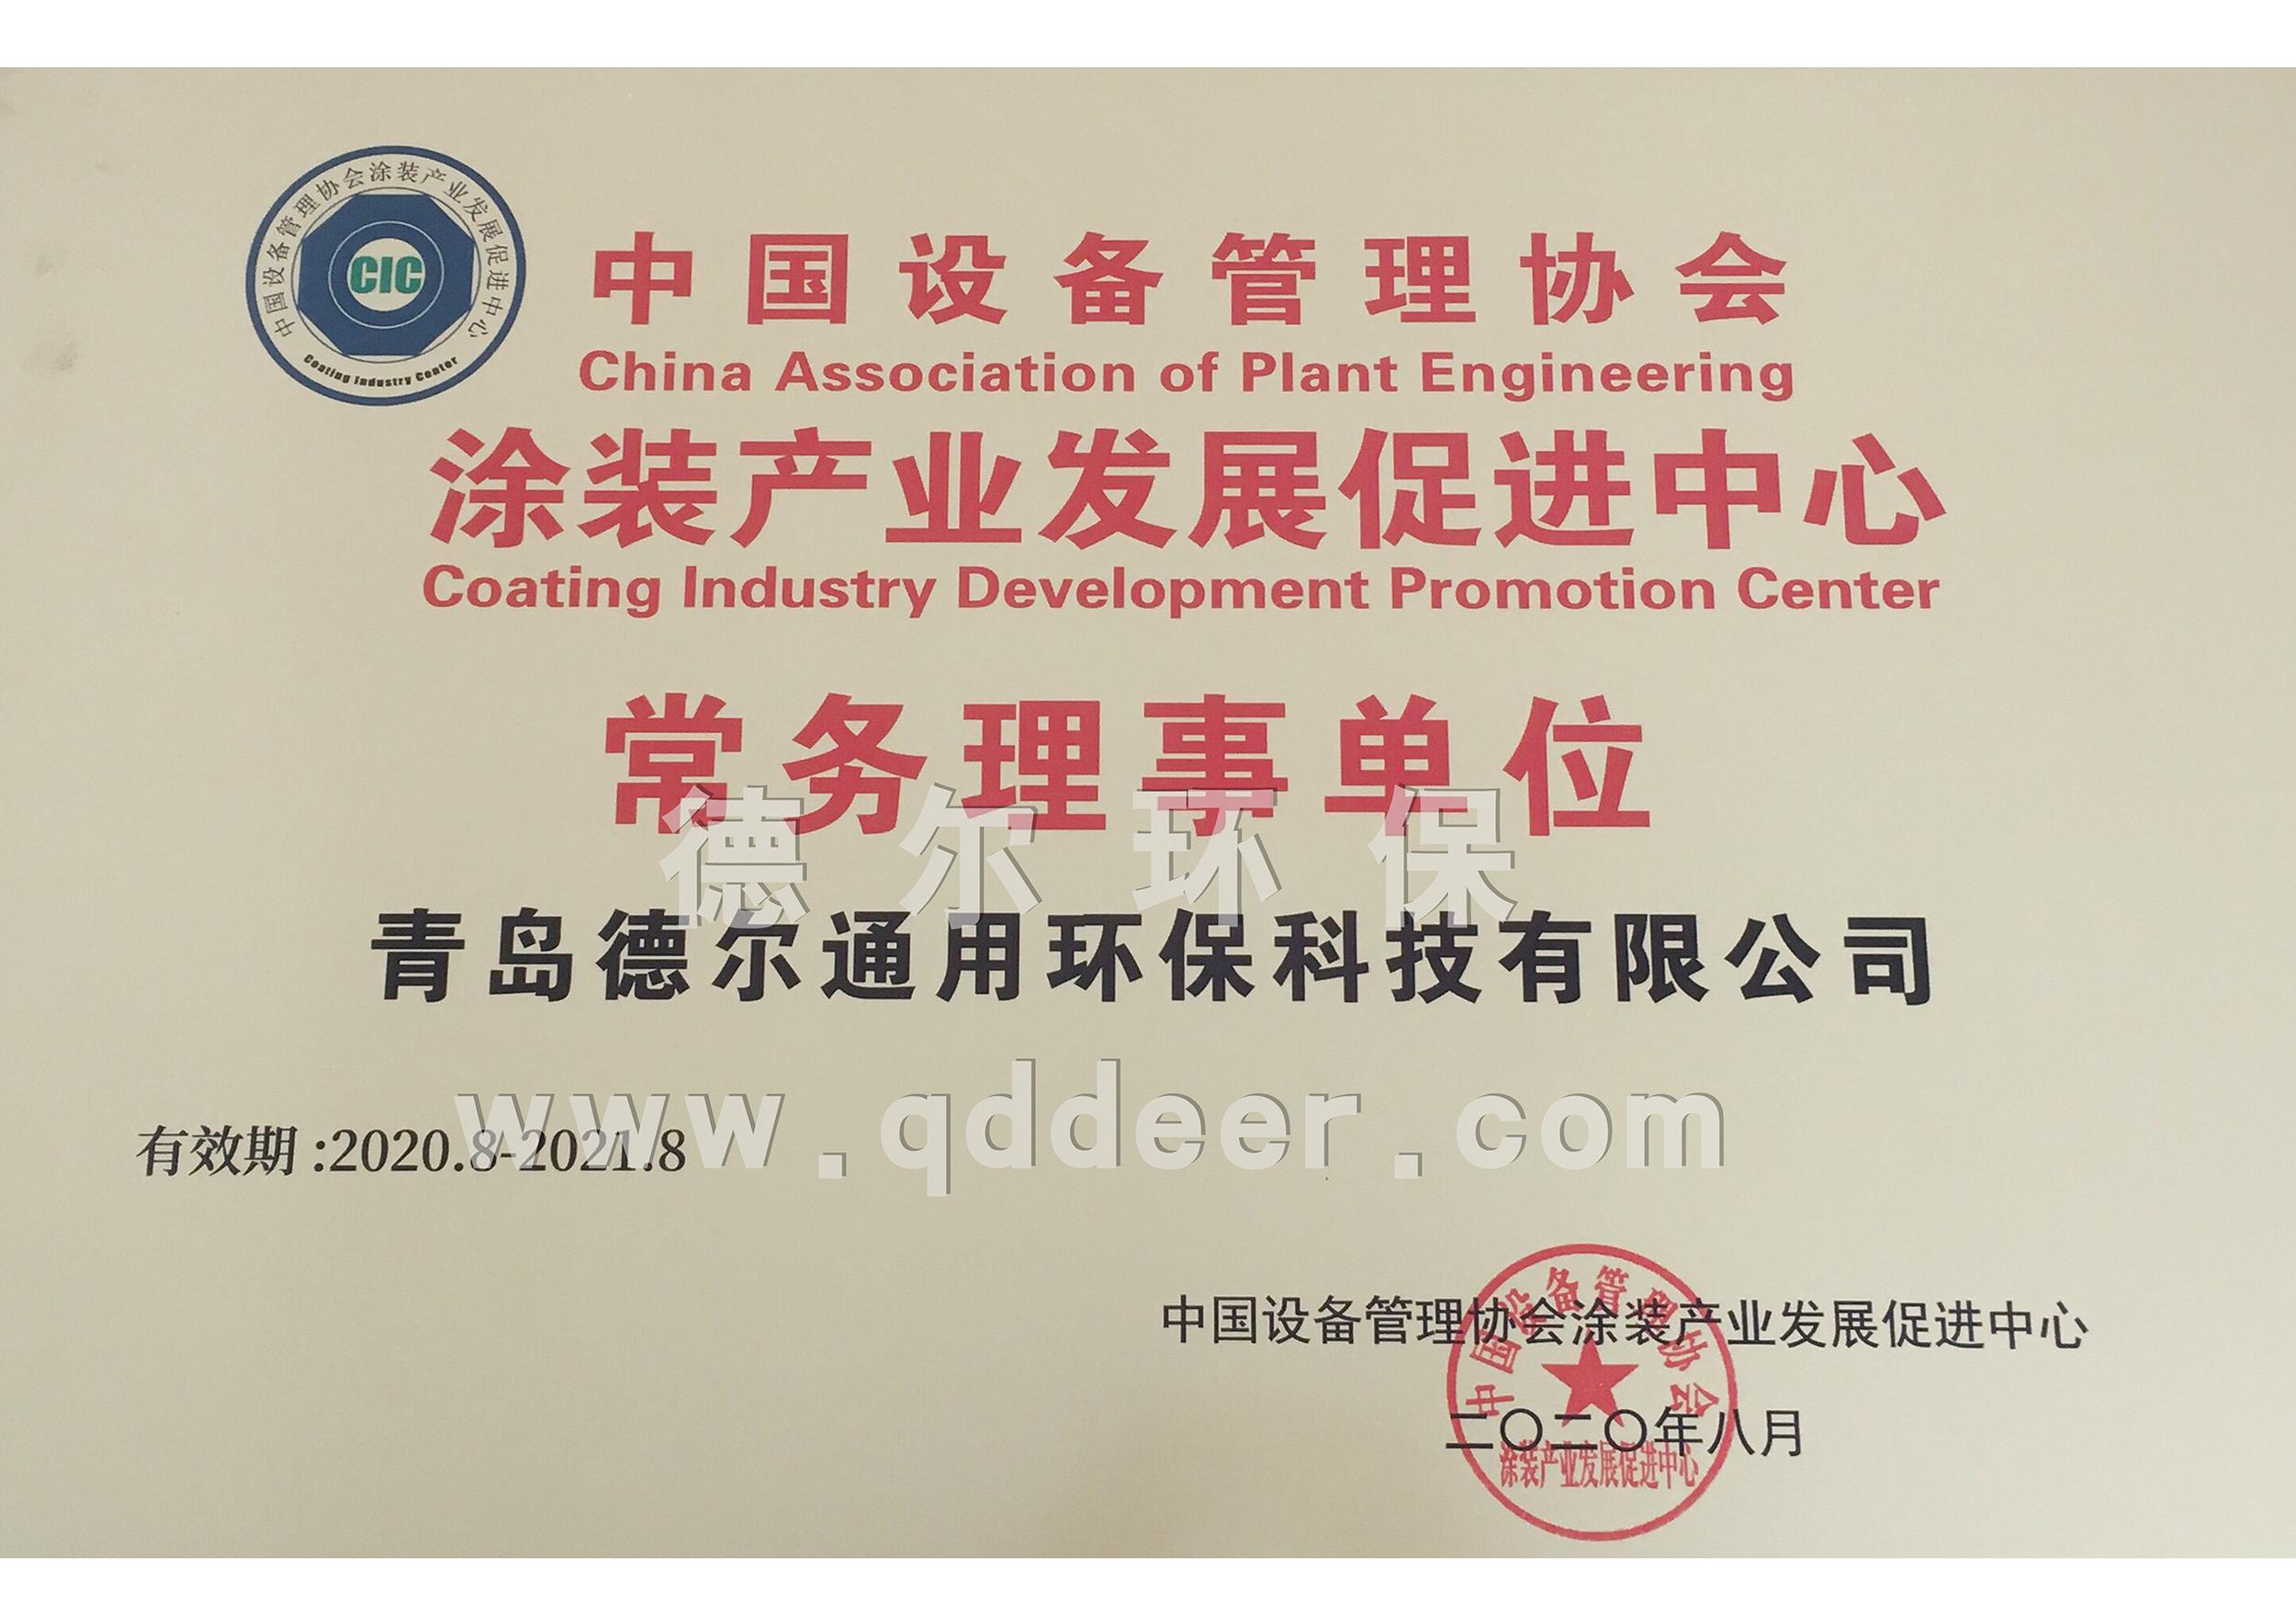 涂装产业发展促进中心常务理事单位.jpg